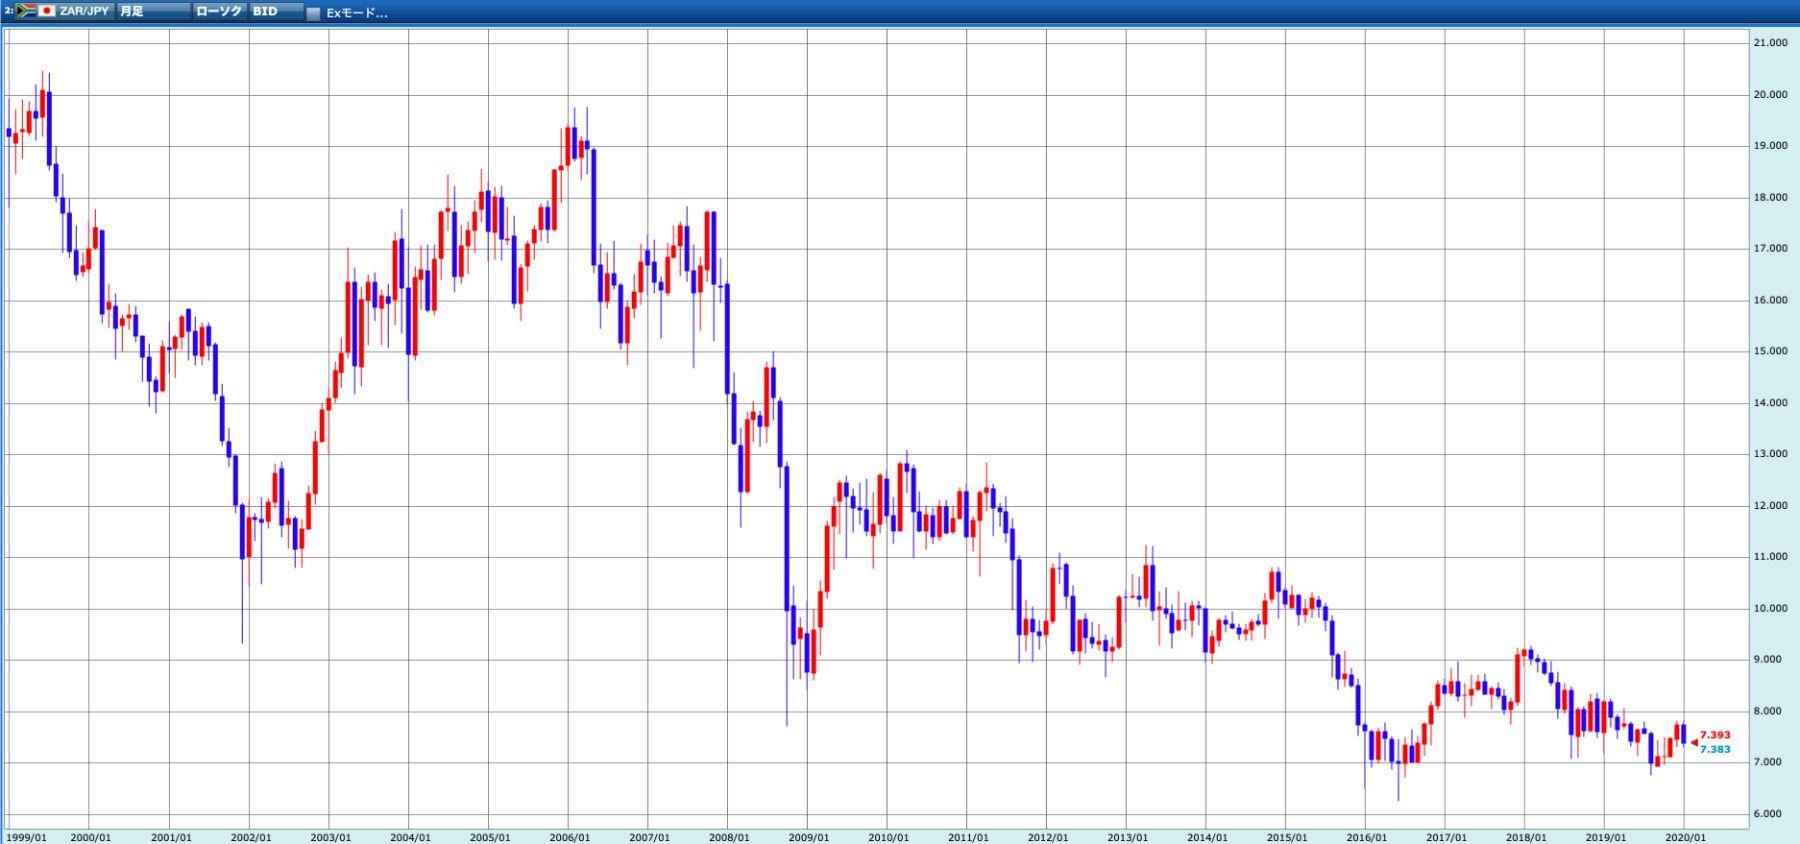 ランド円 過去20年のチャート